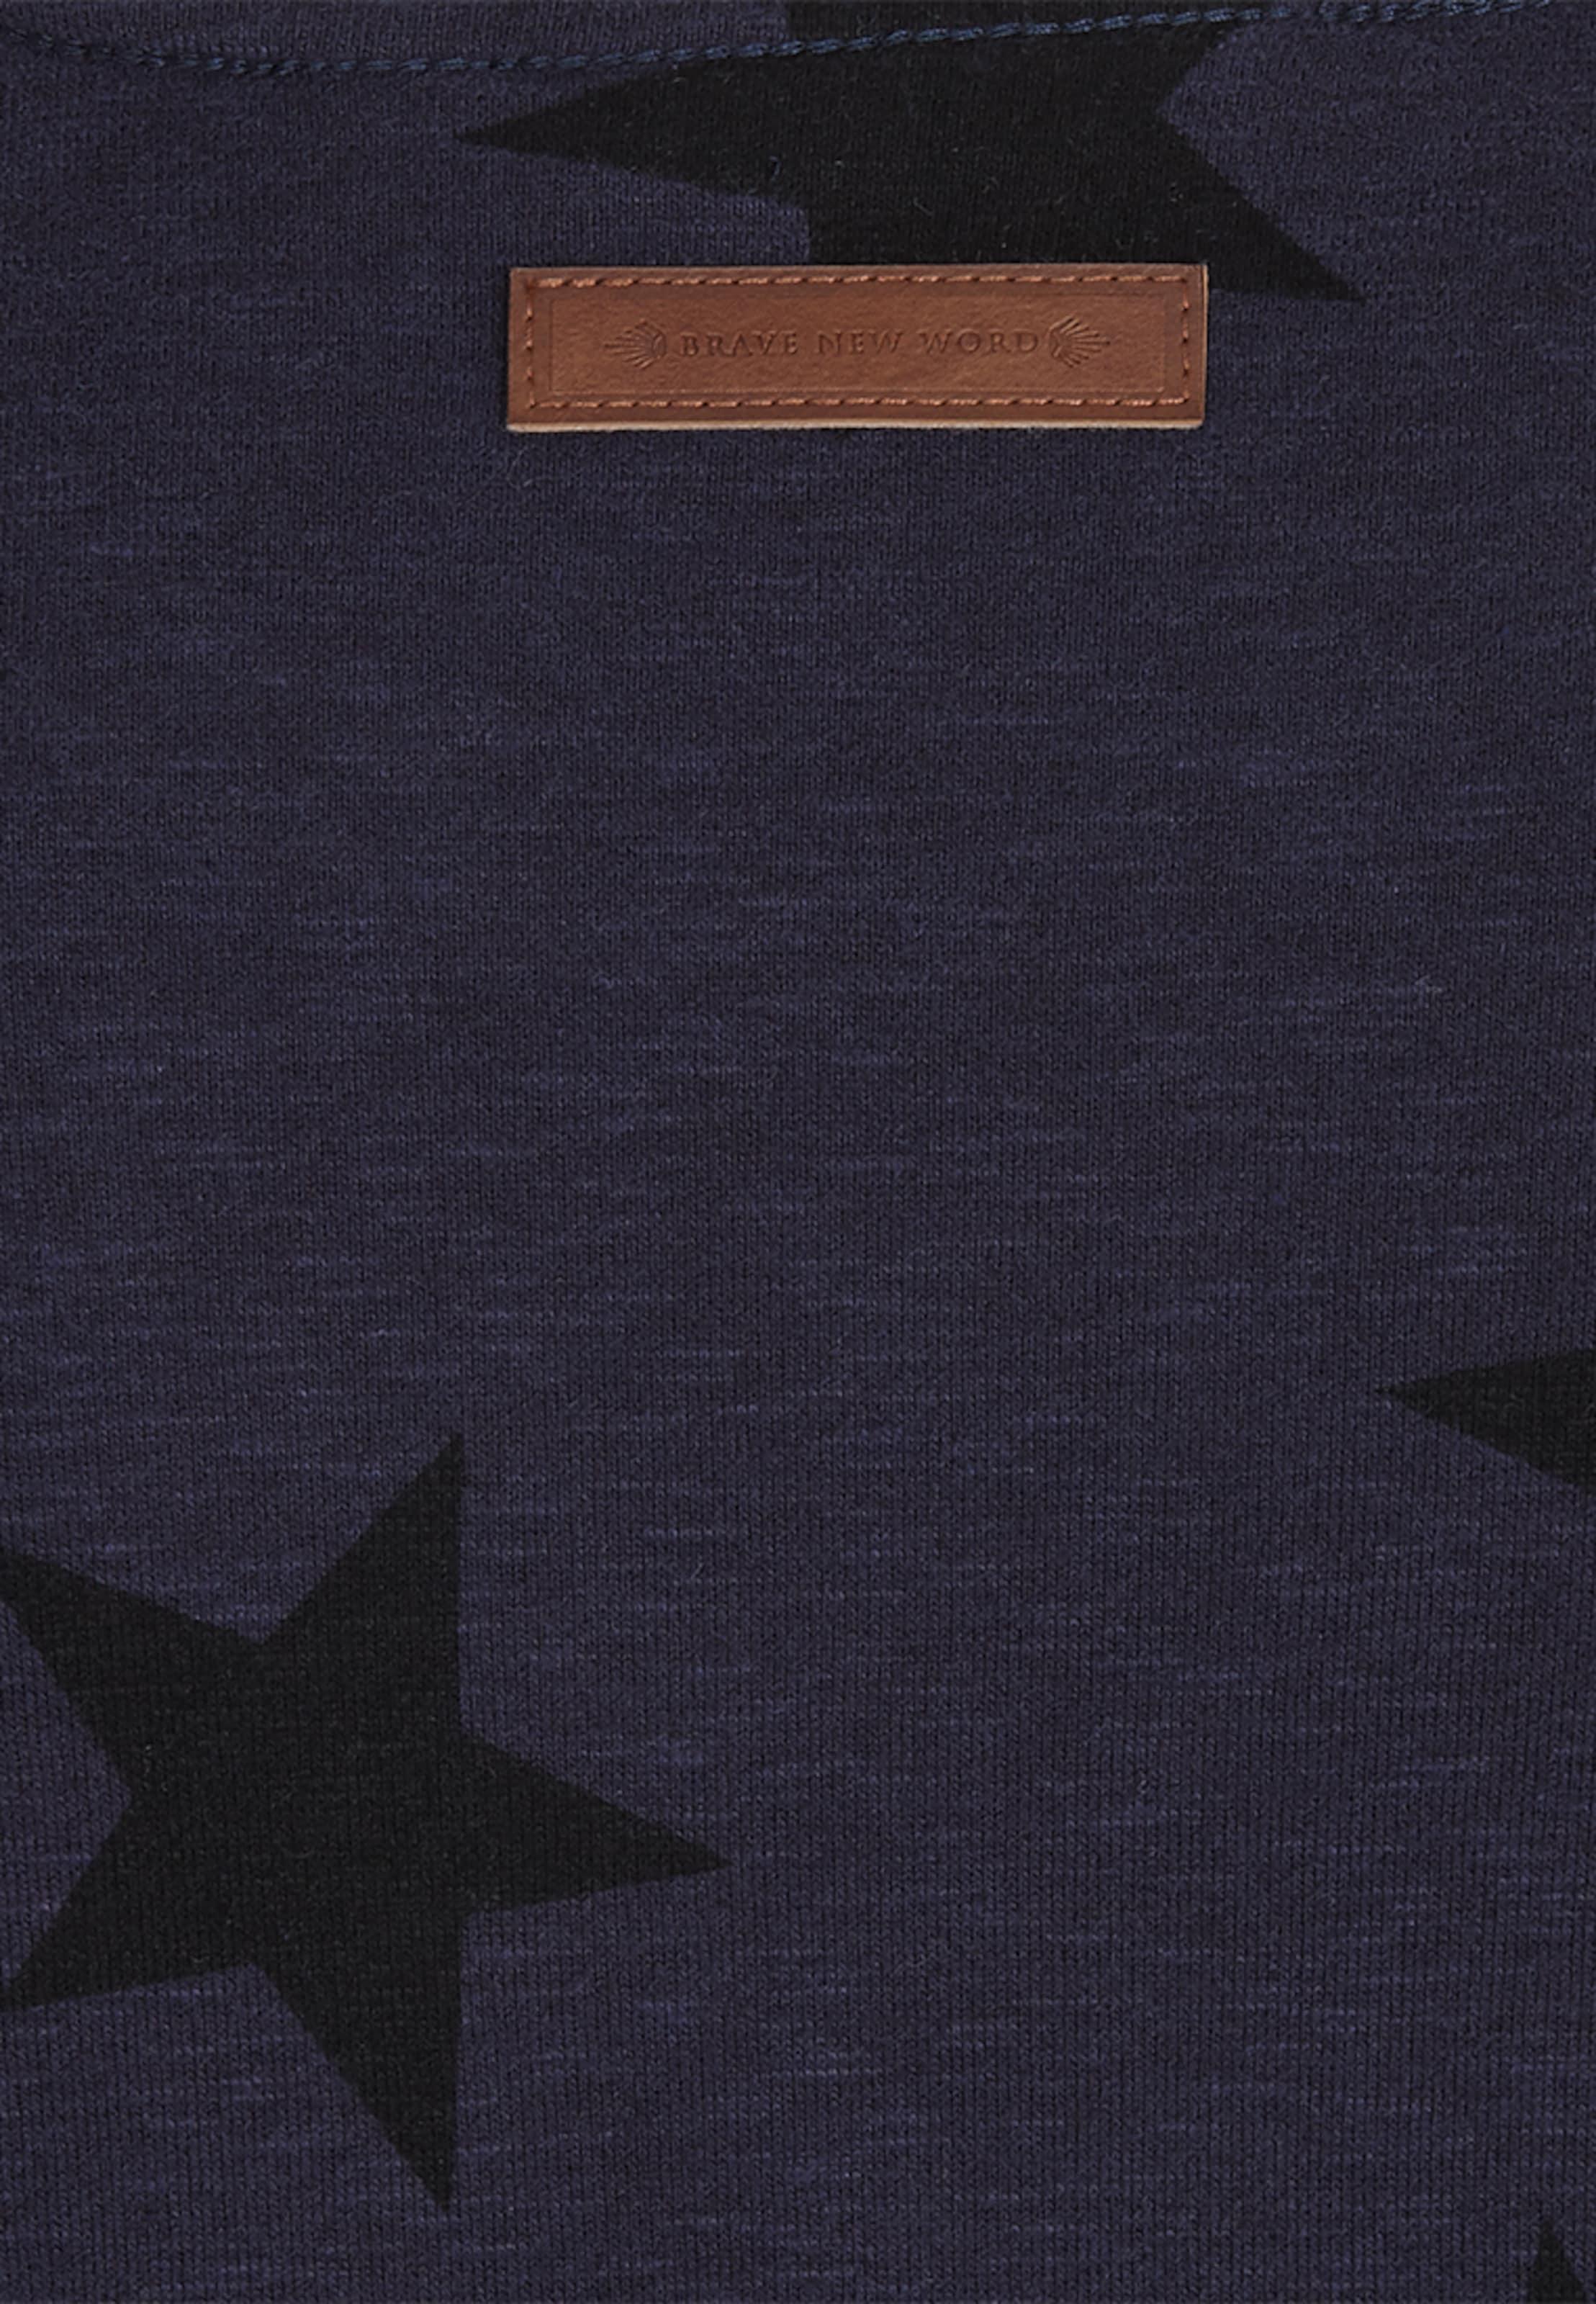 naketano Male Sweatshirt Frittenklaus III Gefälschte Online Mit Mastercard Zum Verkauf Verkauf Erschwinglich Für Schön Sammlungen Zum Verkauf sWDWMTg